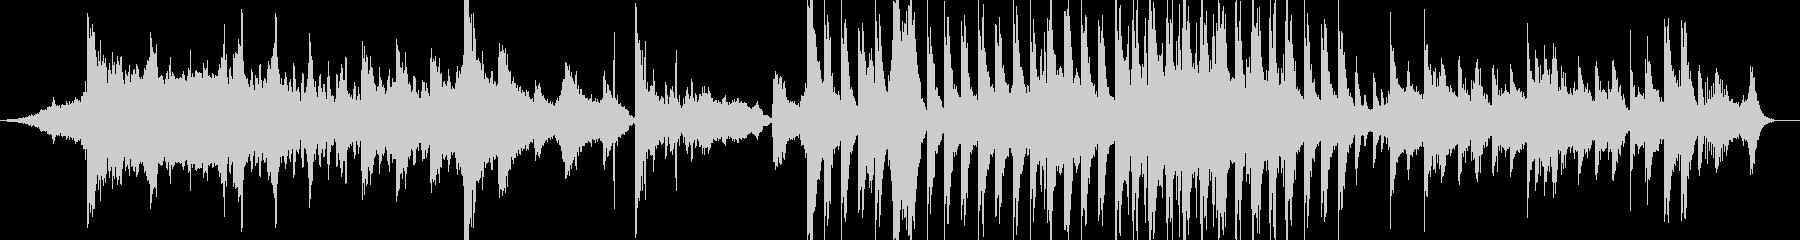 インストゥルメンタル、クラシックポ...の未再生の波形